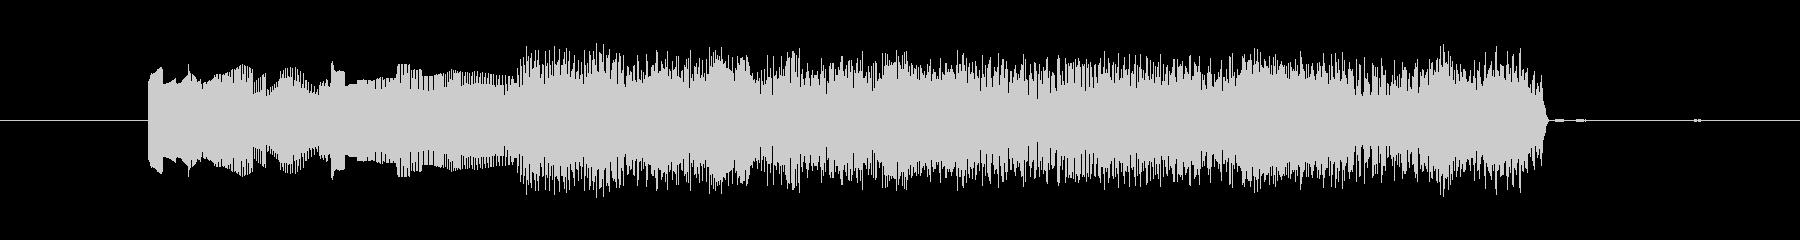 パワーアップ音の未再生の波形